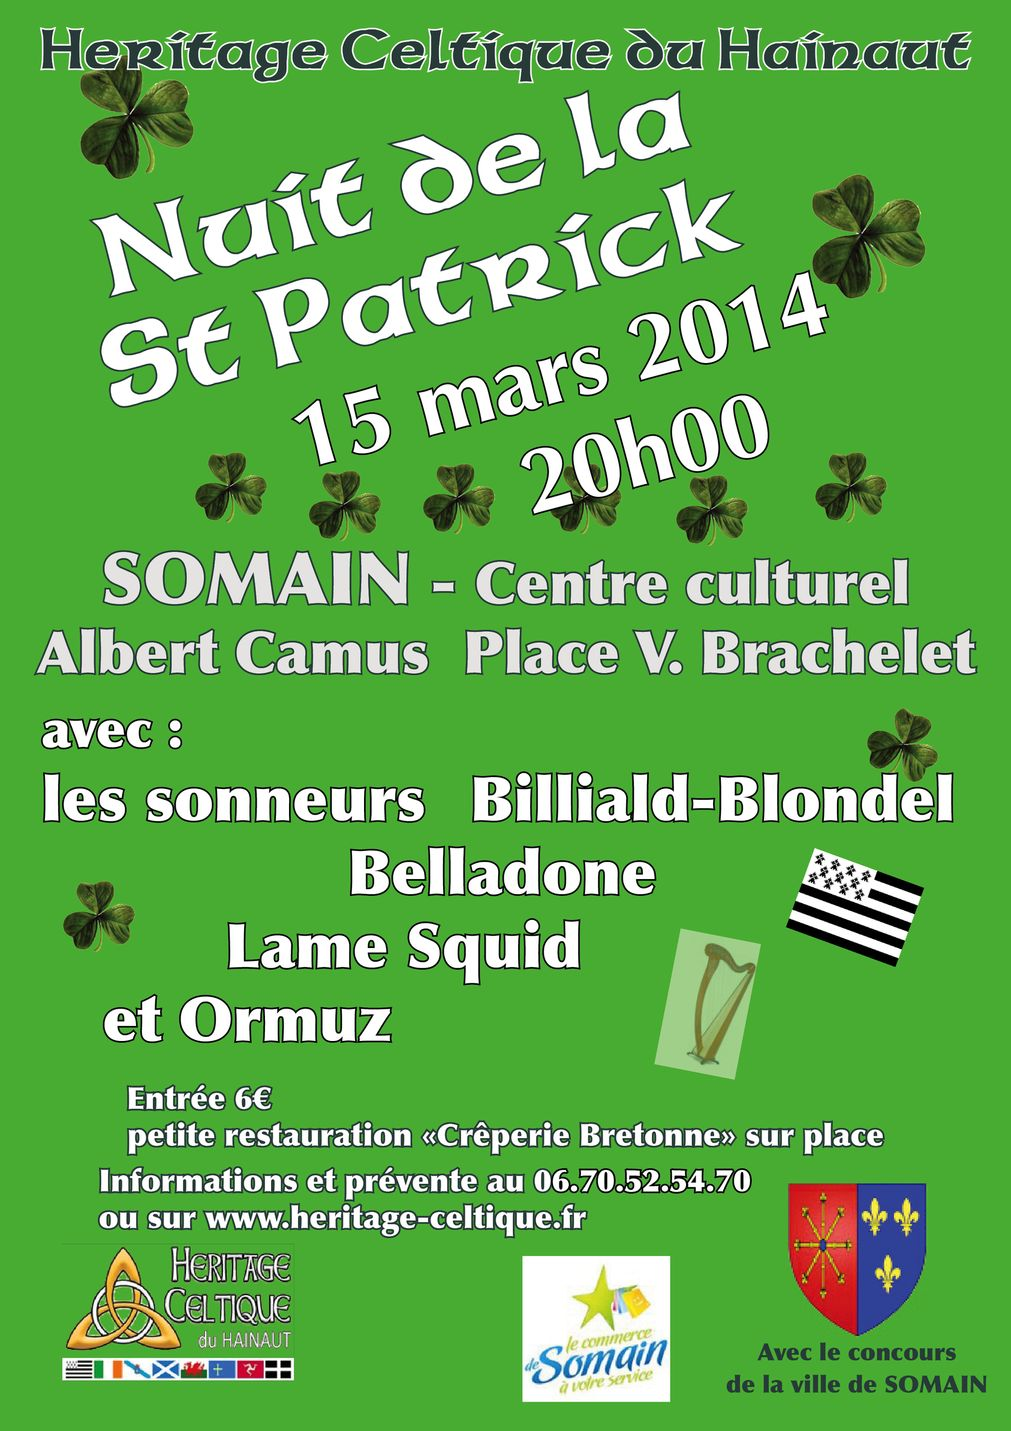 Affiche Bal folk fest-noz 6ème Nuit de la St Patrick à Somain